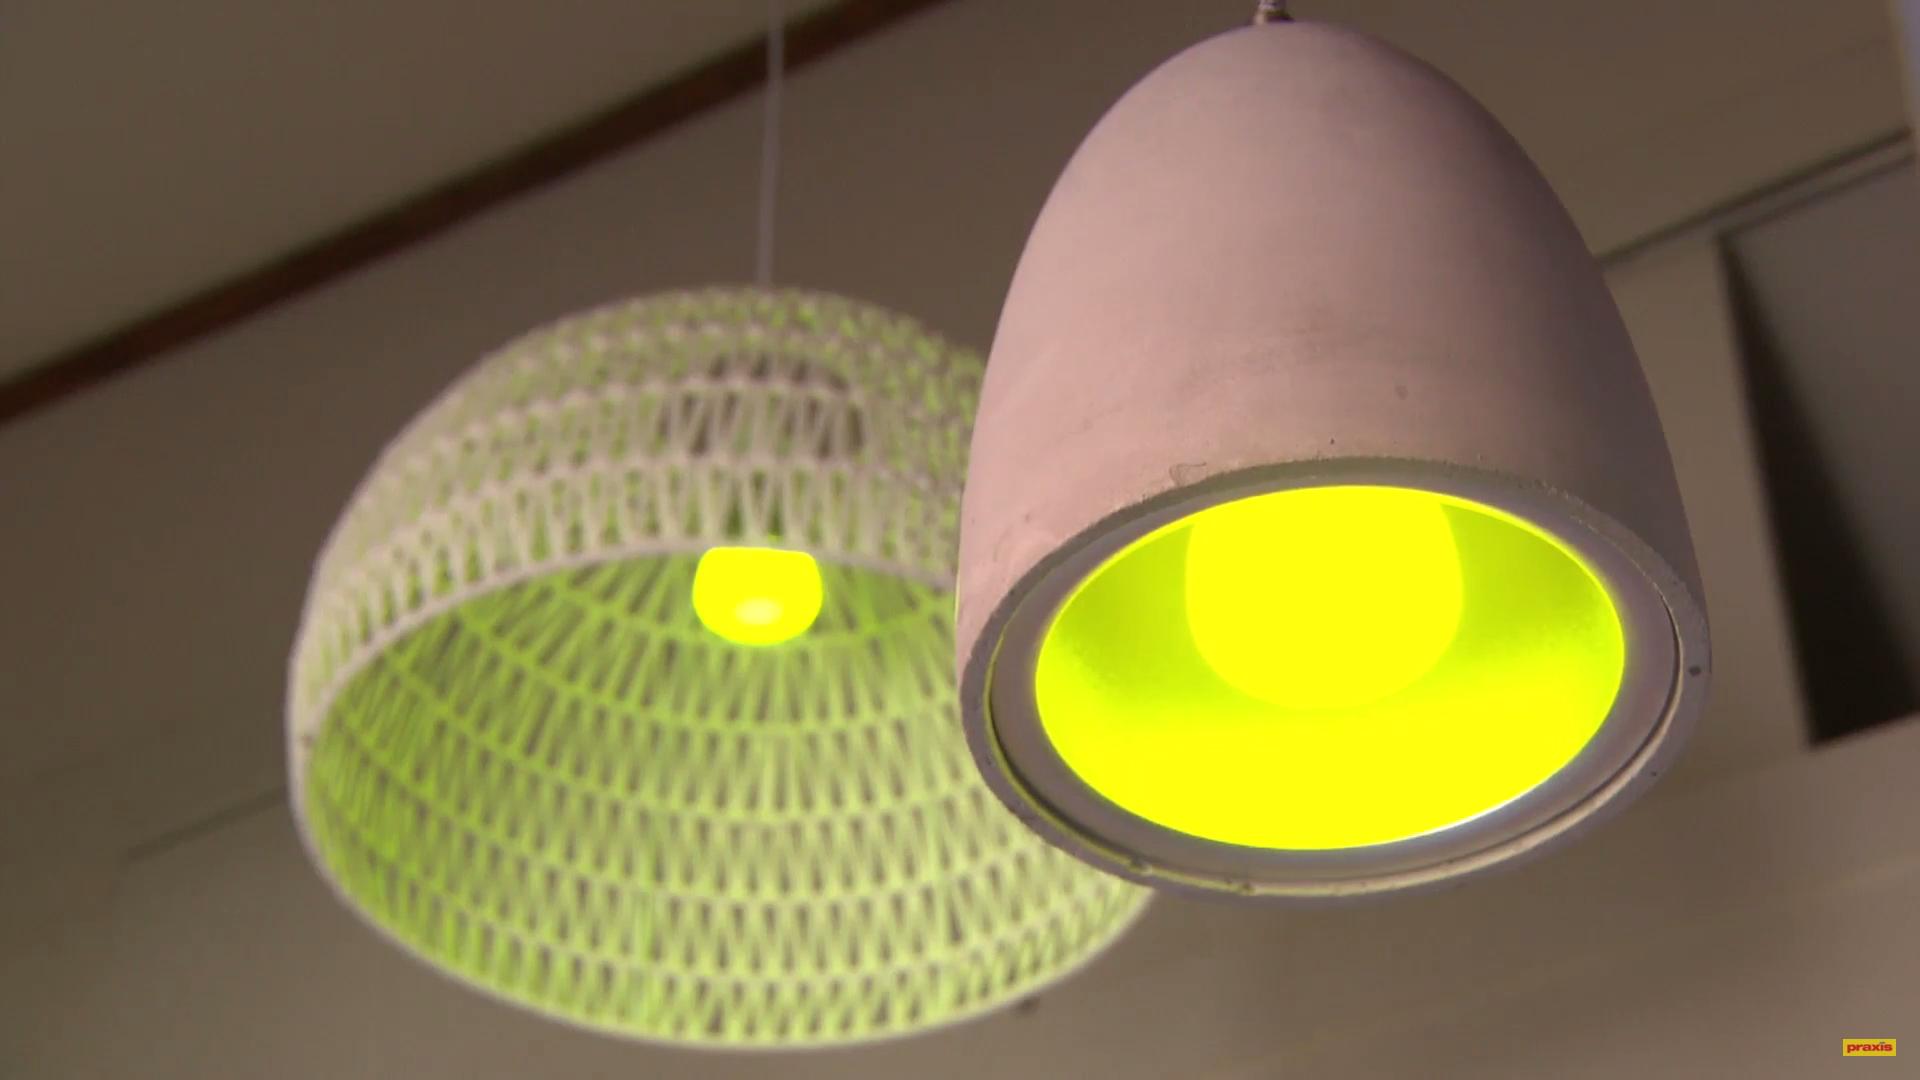 Praxis Lampen Aanbieding : Wiz verlichting bedienen voordemakers.nl